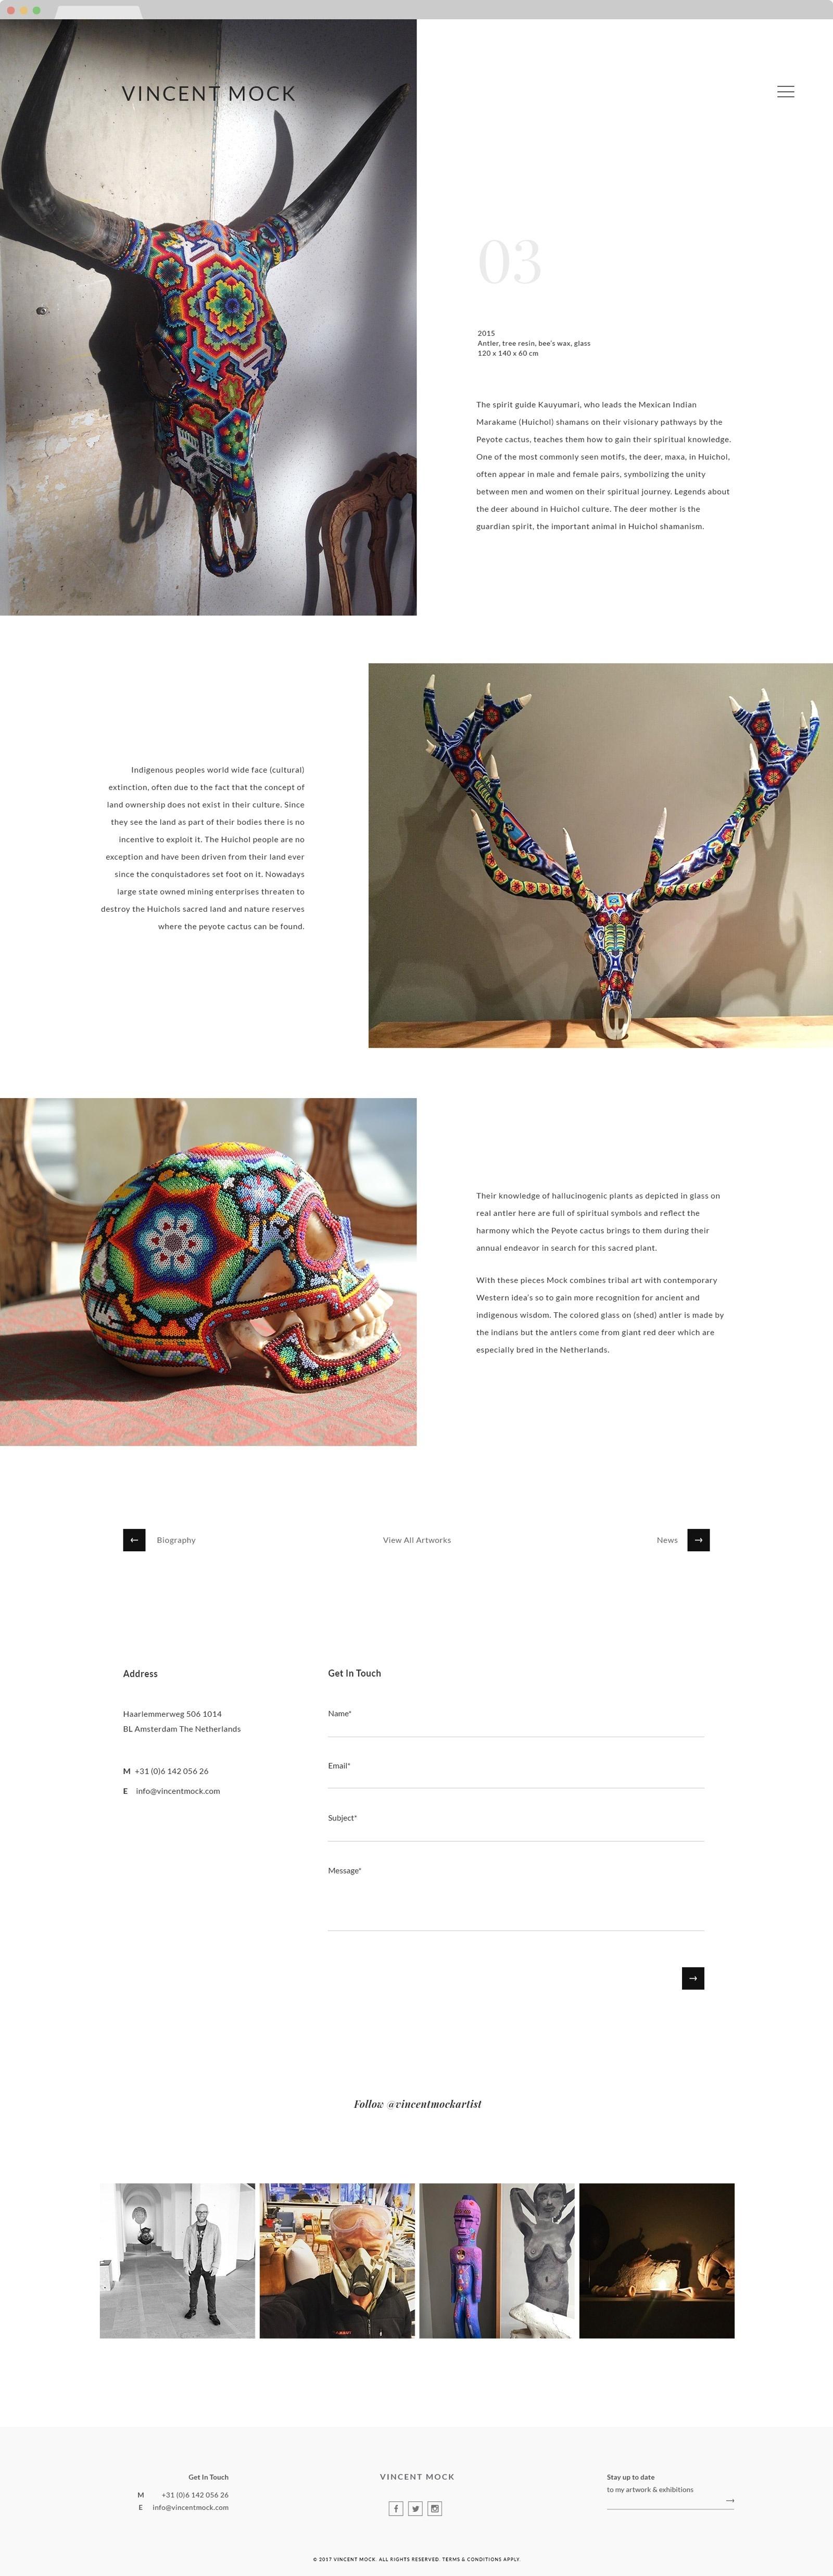 web design hk vincent mock 03